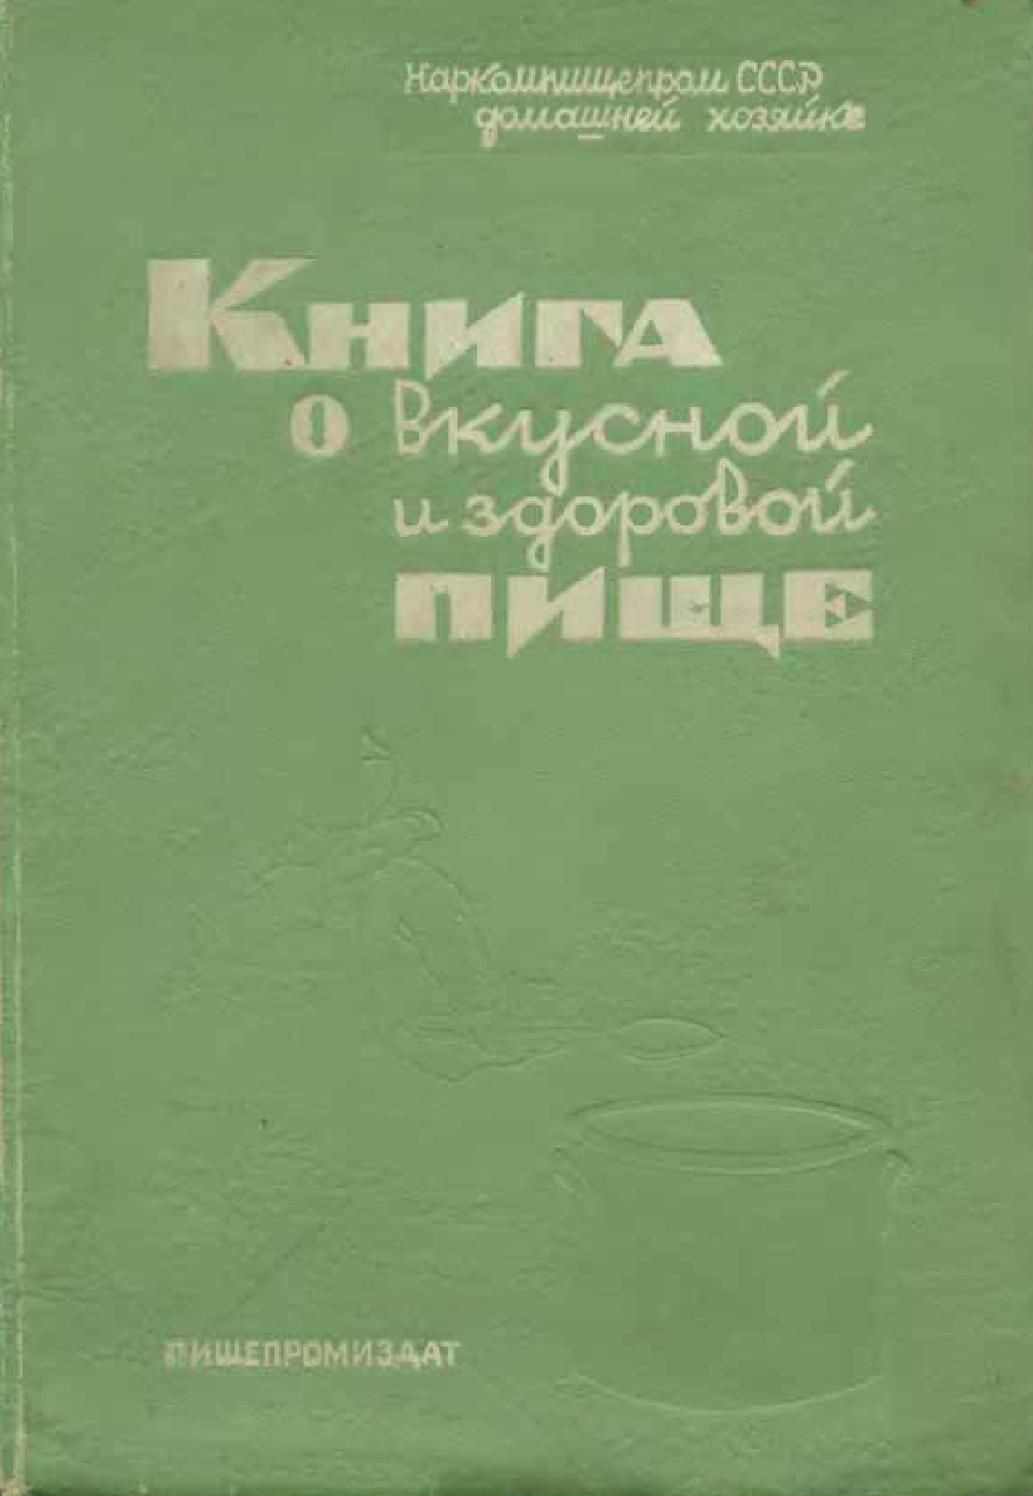 Книга о вкусной и здоровой пище (1939) / скачать бесплатно.